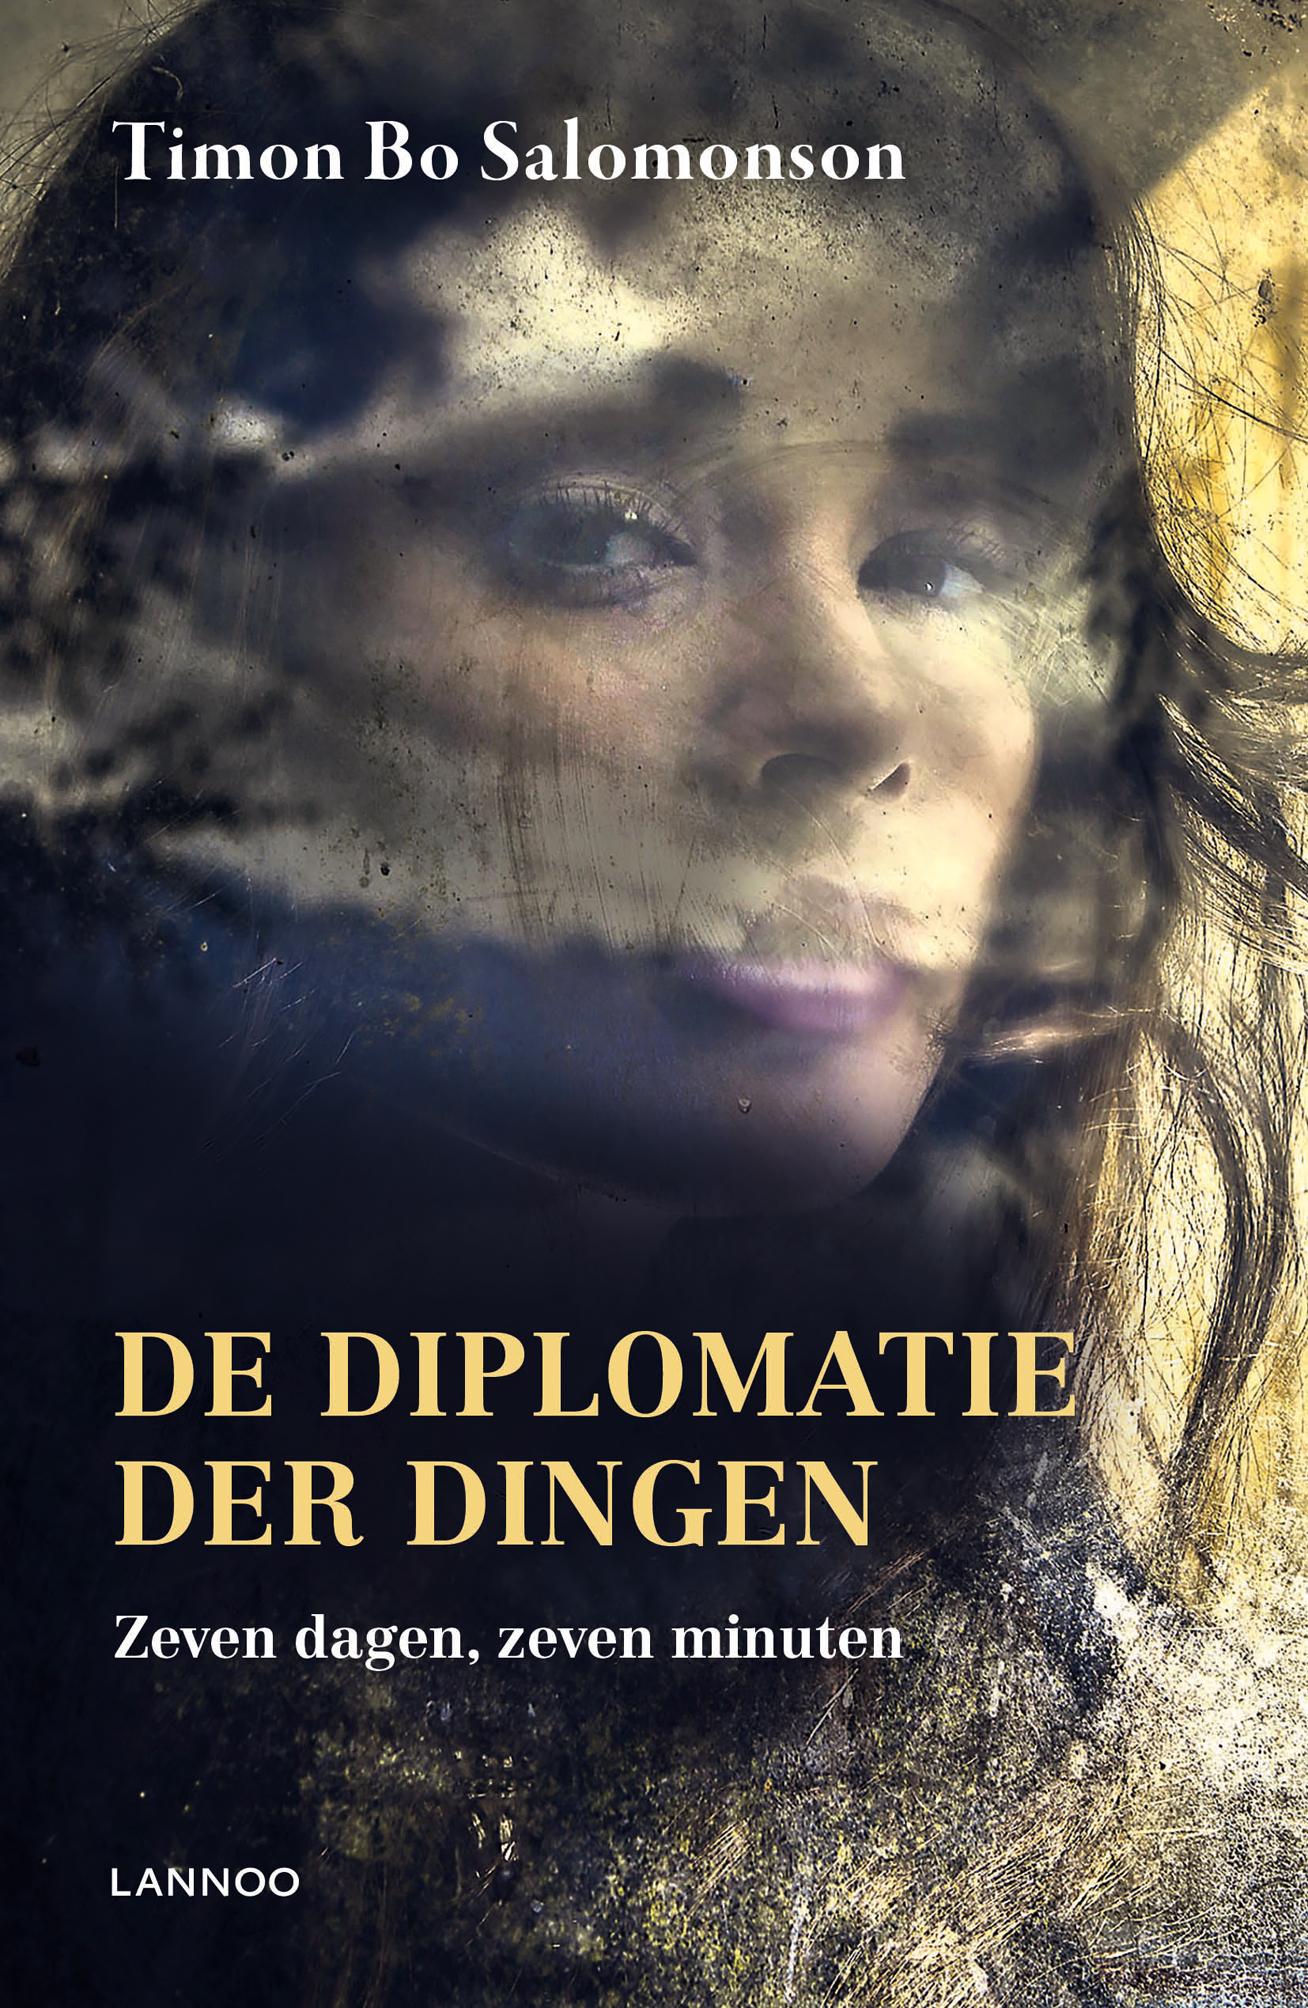 De diplomatie der dingen uitgeverij lannoo for Timon begeleid wonen